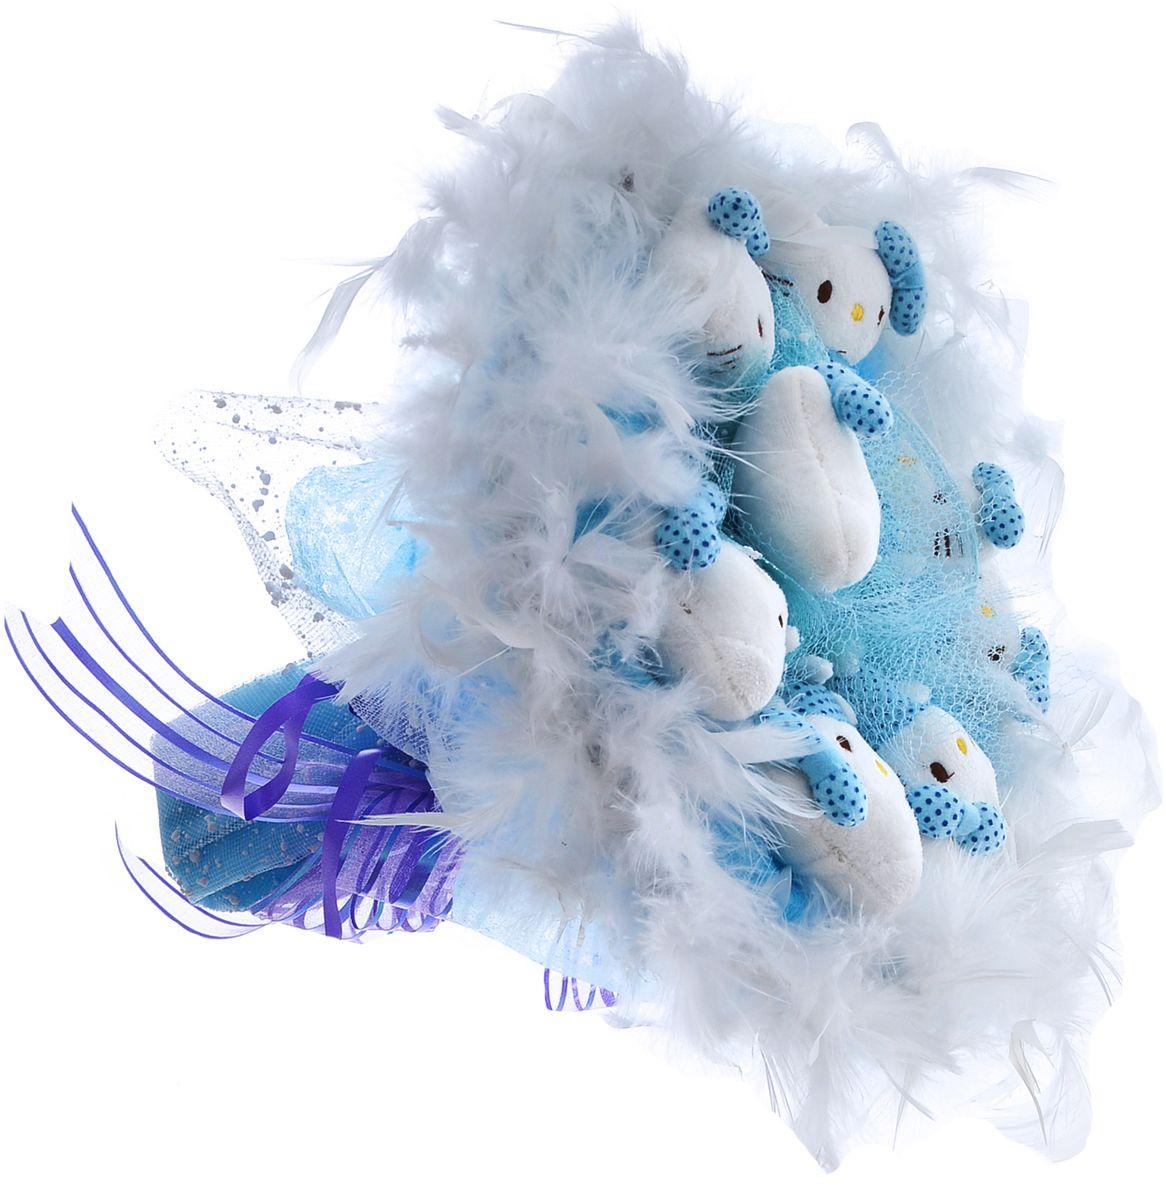 Букет из игрушек Toy Bouquet Котята, цвет: голубой, 9 игрушекC002-9-51Букет из 9 мягких милых Кити упакован в мягкую струящуюся органзу голубого цвета с добавлением флористической сетки, декорирован великолепным пышным боа по краю букета и перевязан широкой атласной лентой с добавлением серебристой парчовой тесьмы. Мягкие игрушки, оформленные в букет – приятный подарок для любимой, для мамы, подруги или для ребенка. Оригинальные букеты торговой марки Toy Bouquet из мягких игрушек прекрасно подойдут для многих праздников: День Святого Валентина, 8 марта, день рождения, выпускной, а также на другие памятные даты или годовщины.